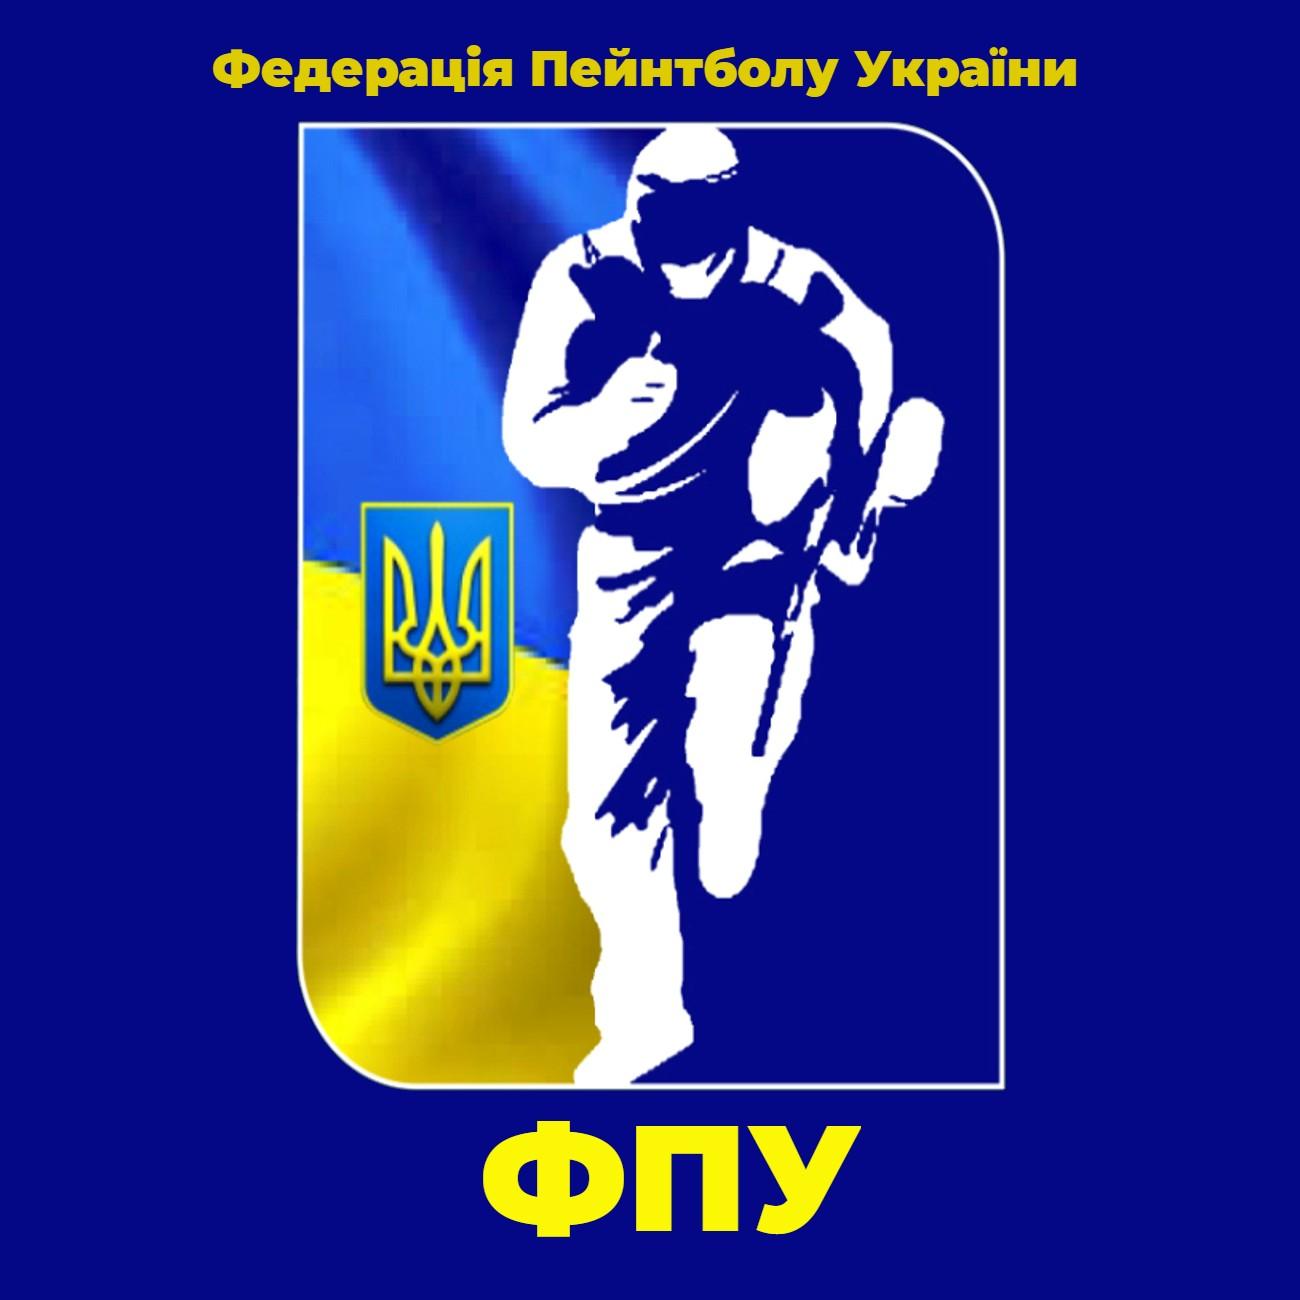 лого фпу рус